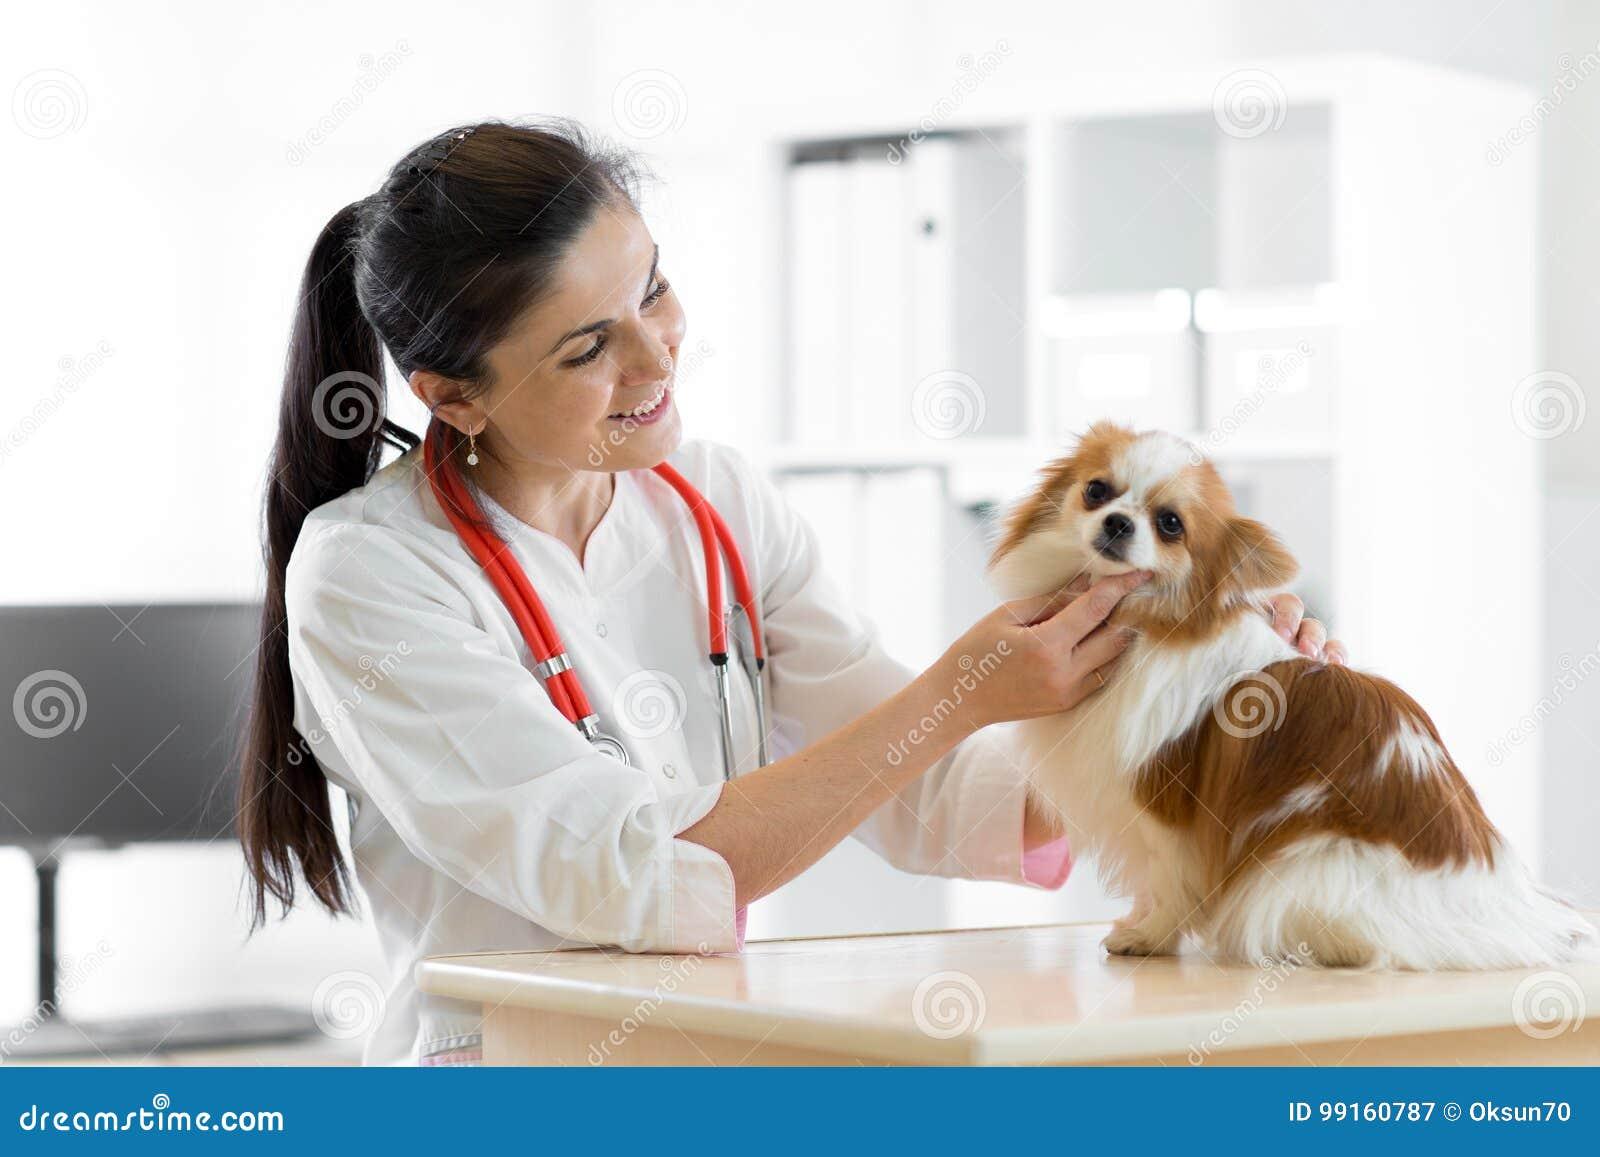 Χαμογελώντας κτηνίατρος με το σκυλί, στον πίνακα στην κλινική κτηνιάτρων